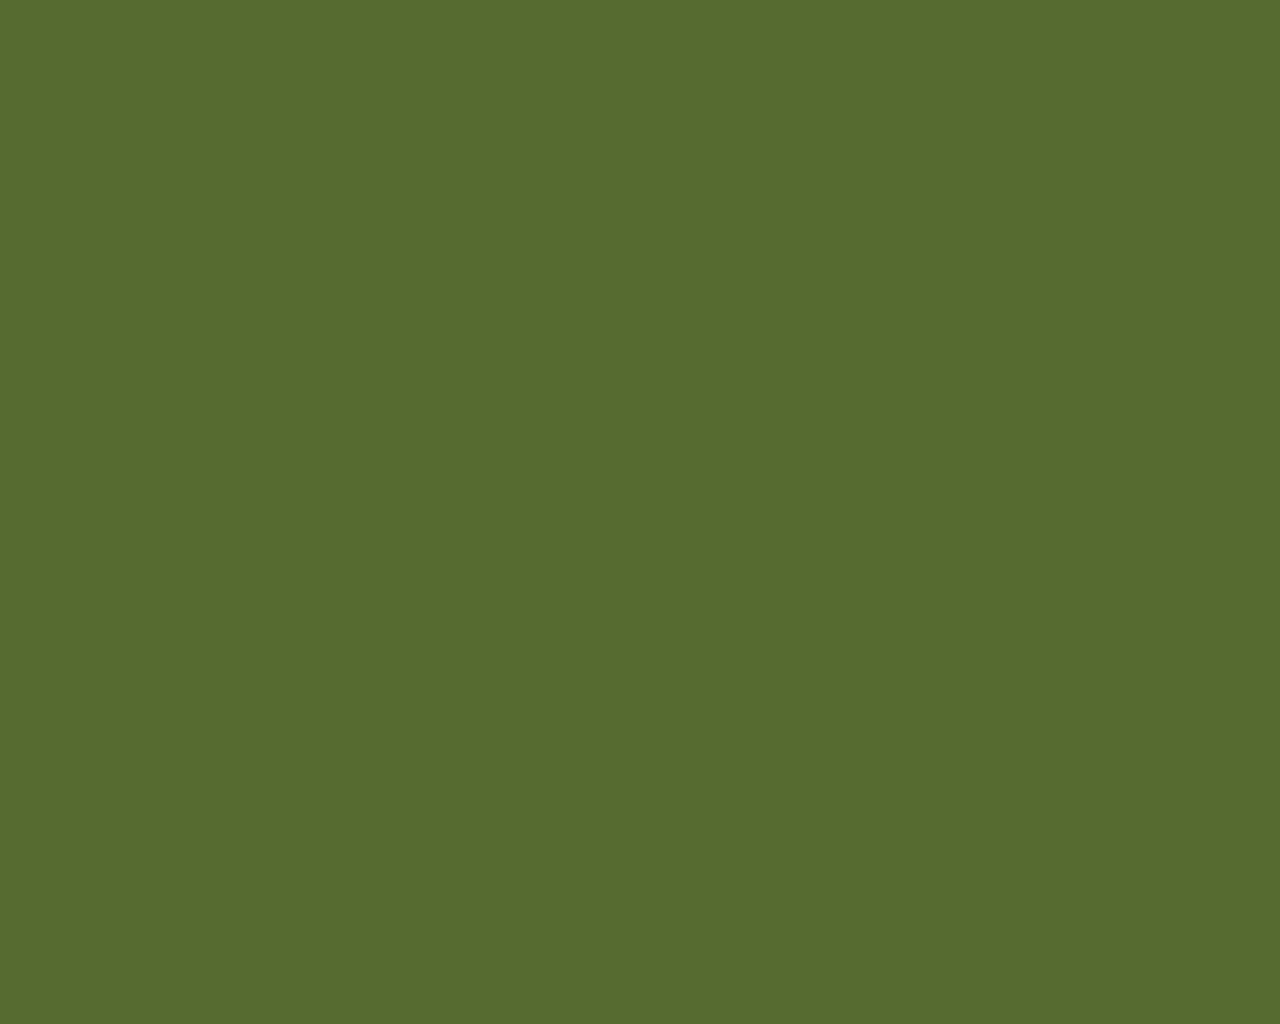 Olive Green Wallpaper - WallpaperSafari